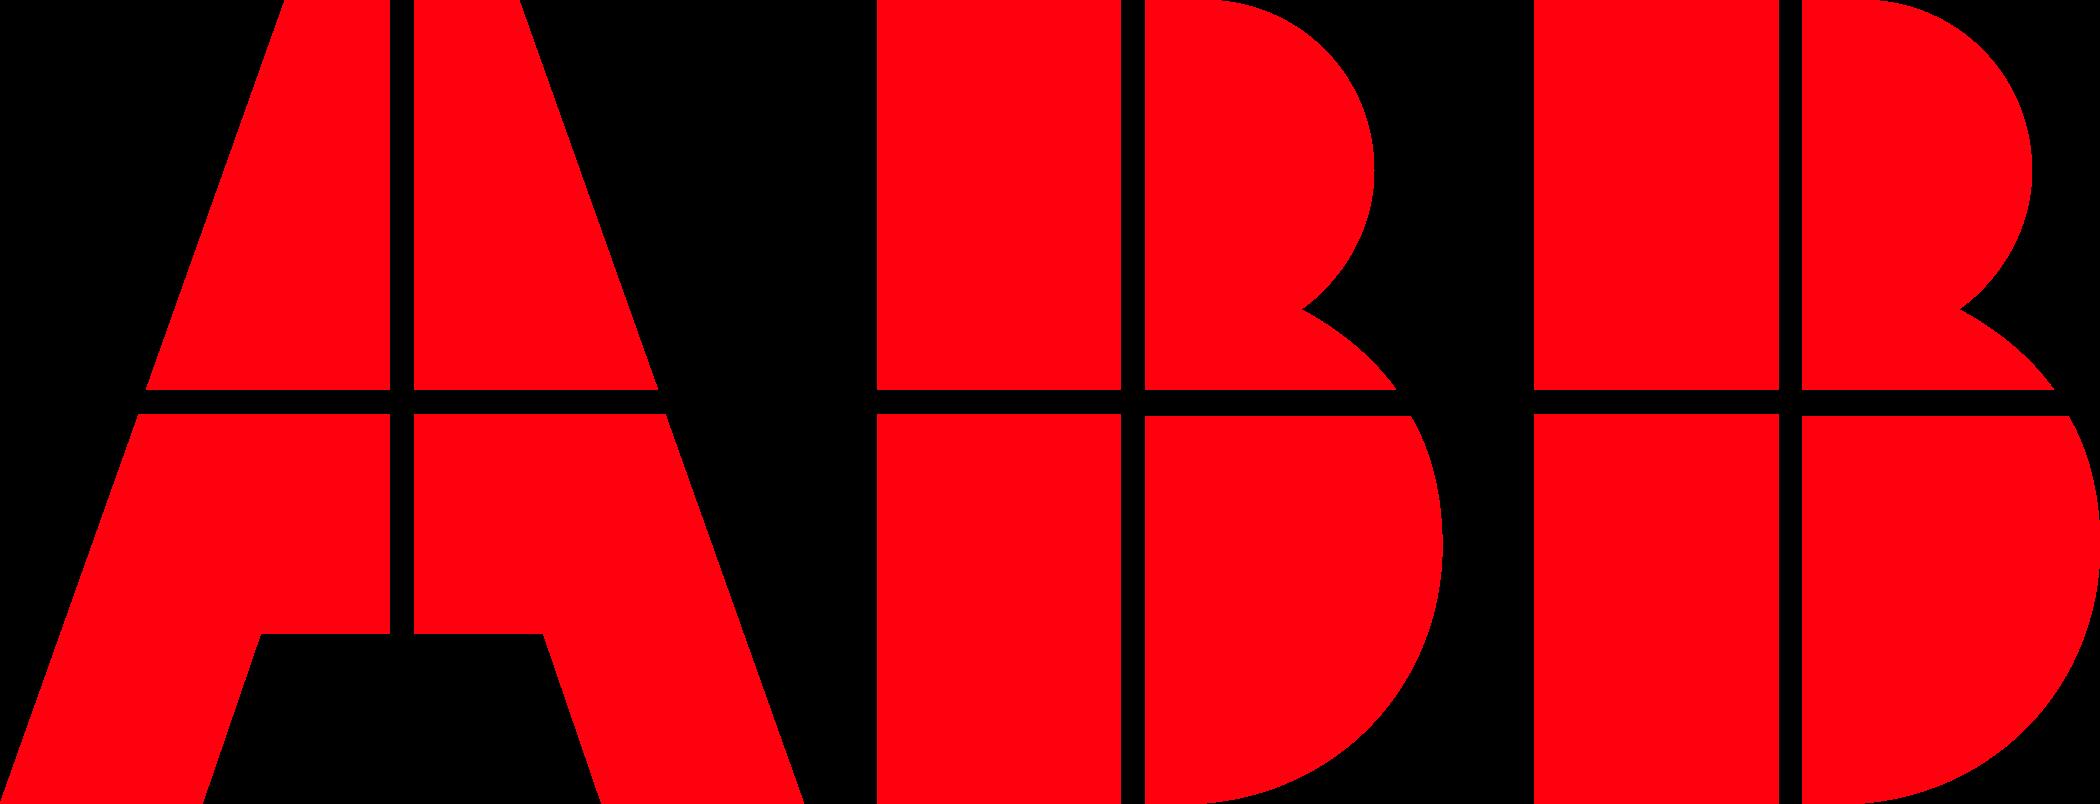 abb logo 1 - ABB Logo